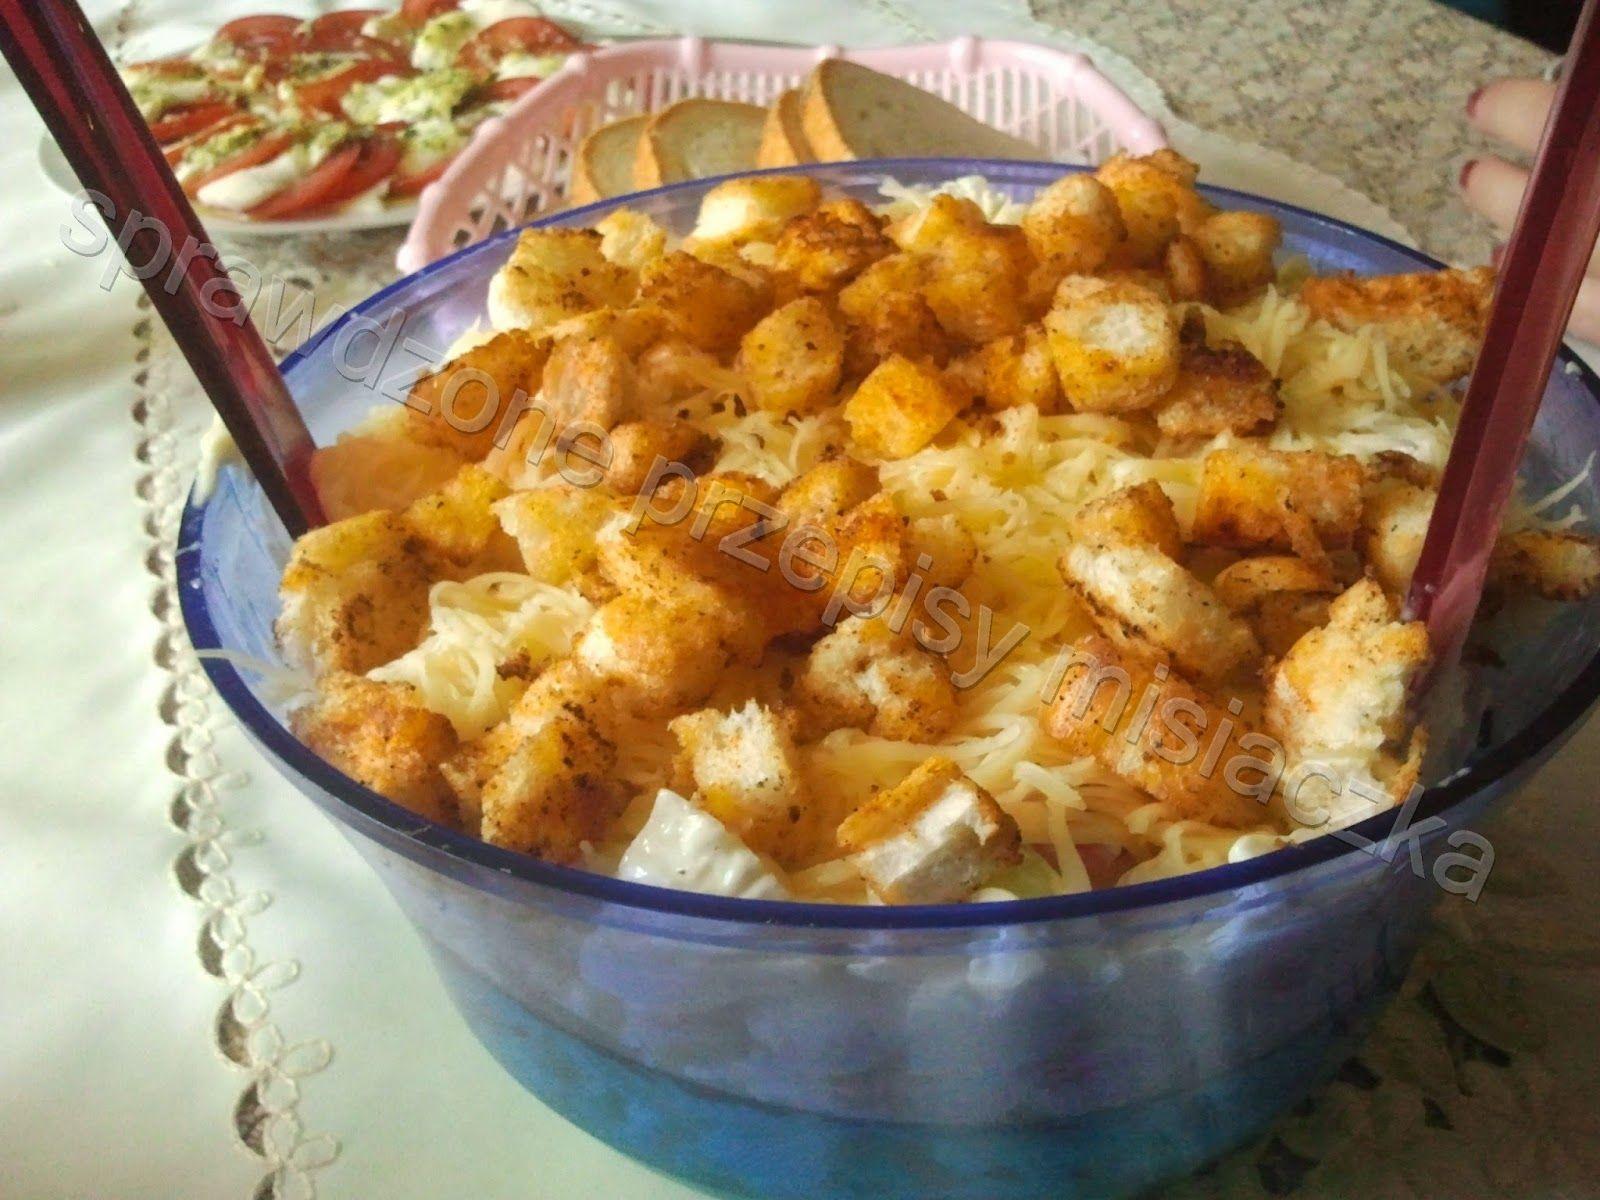 Sprawdzone Przepisy Misiaczka Salatka Ukrainska Culinary Recipes Cooking Recipes